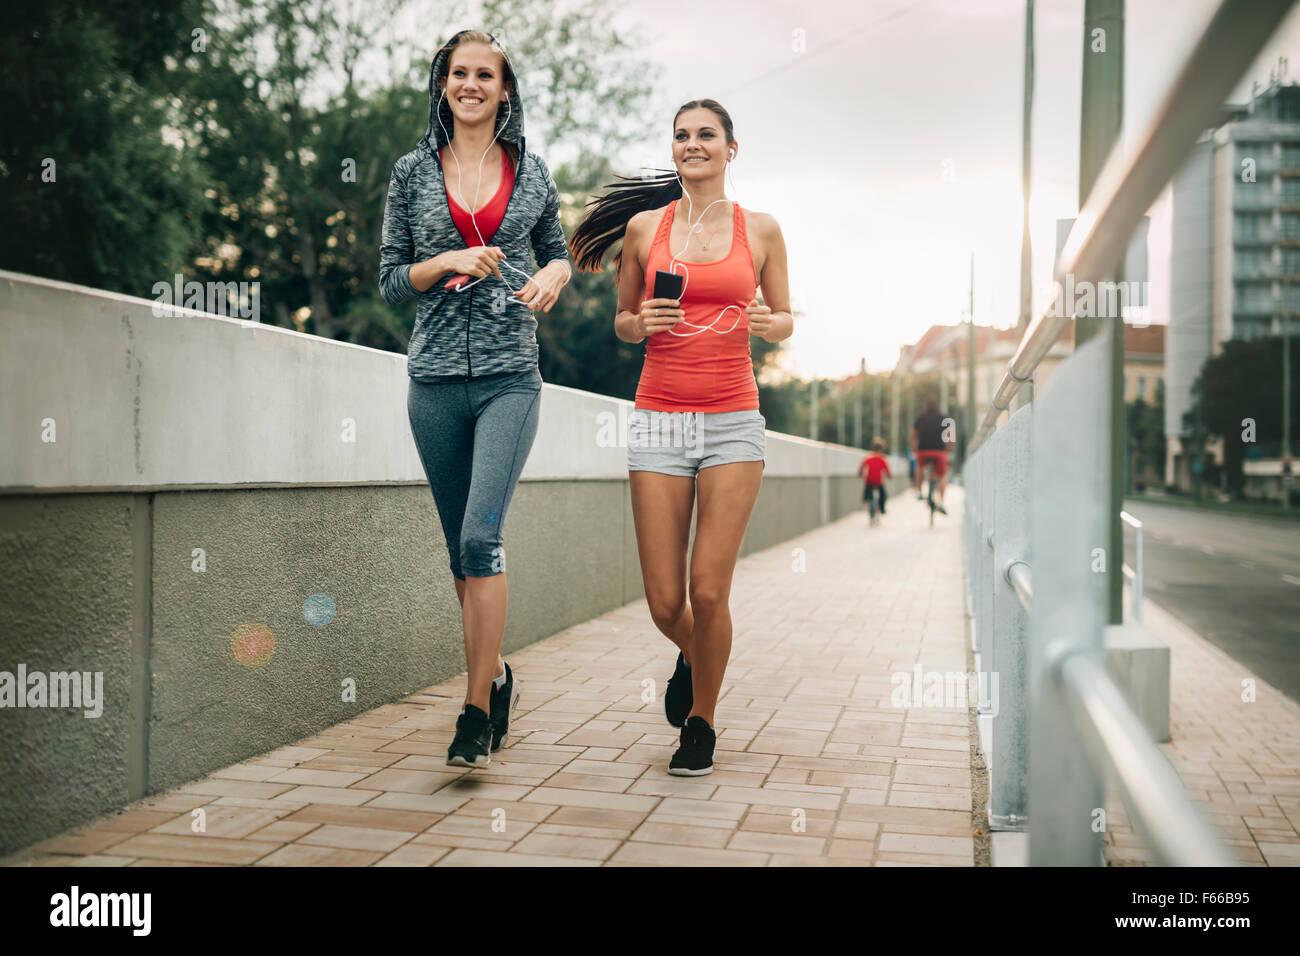 Hermoso paisaje de dos mujeres deportistas realizando sus actividades al aire libre en la ciudad en el atardecer Imagen De Stock